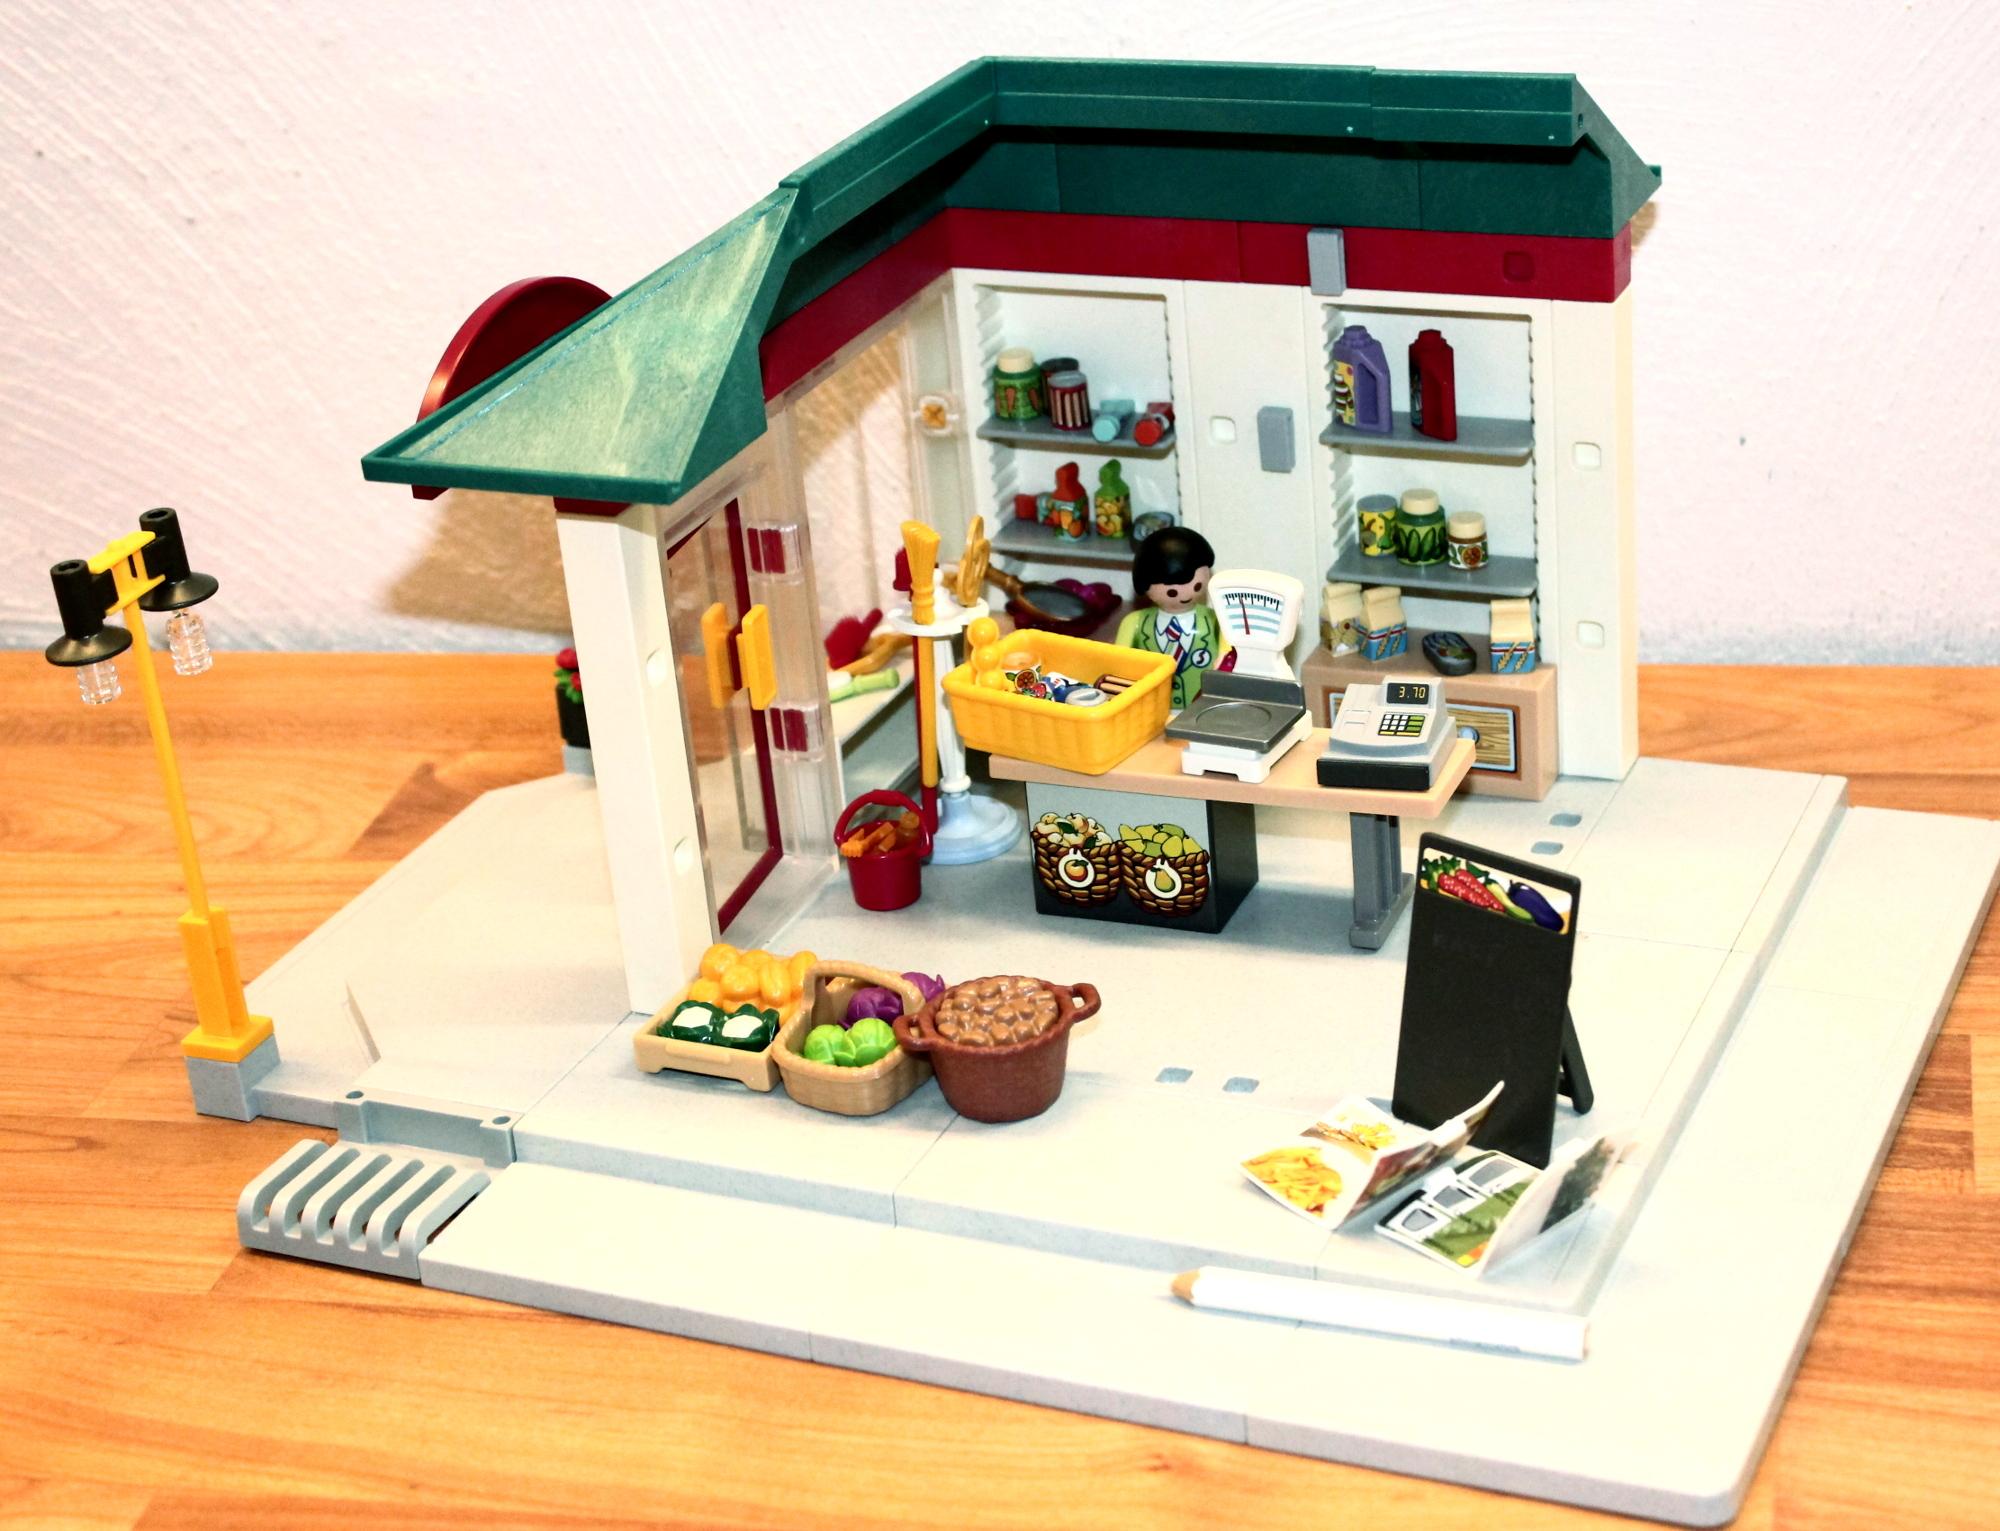 Playmobil modernes wohnen